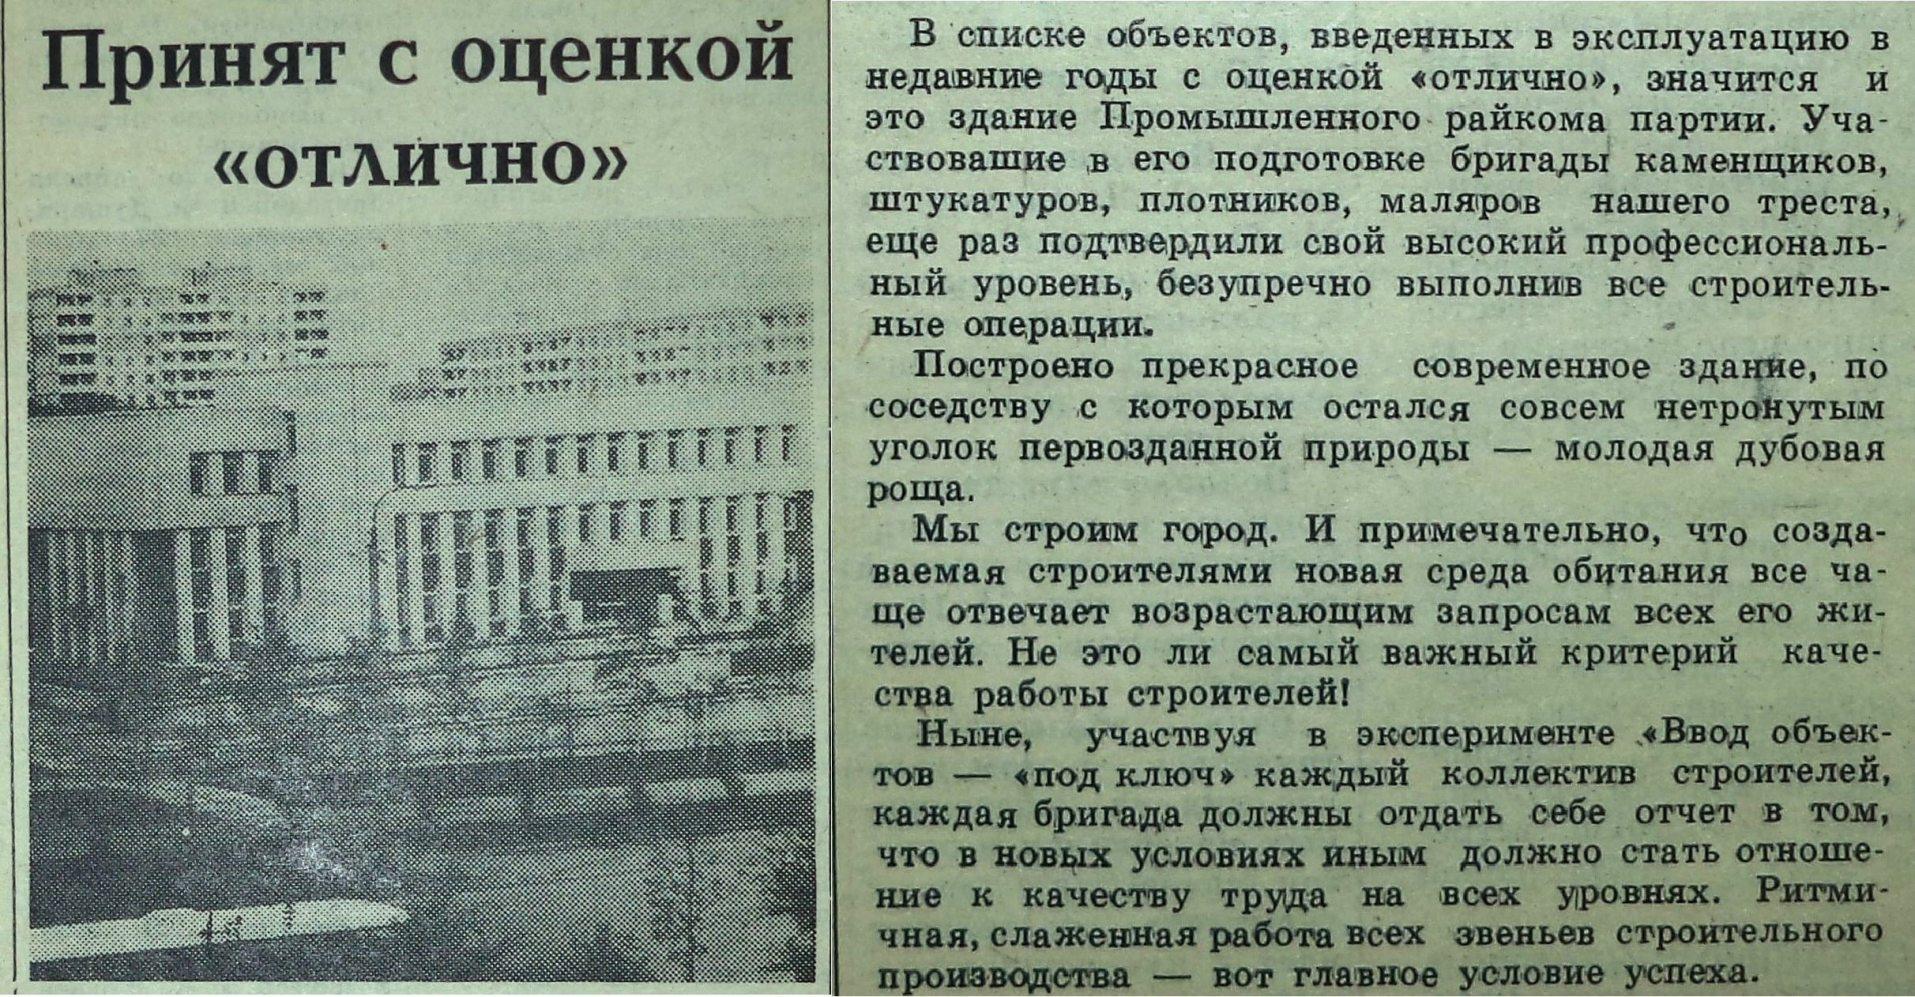 Стара Загора-ФОТО-069-Труд Строителя-1985-17 апреля-min-min